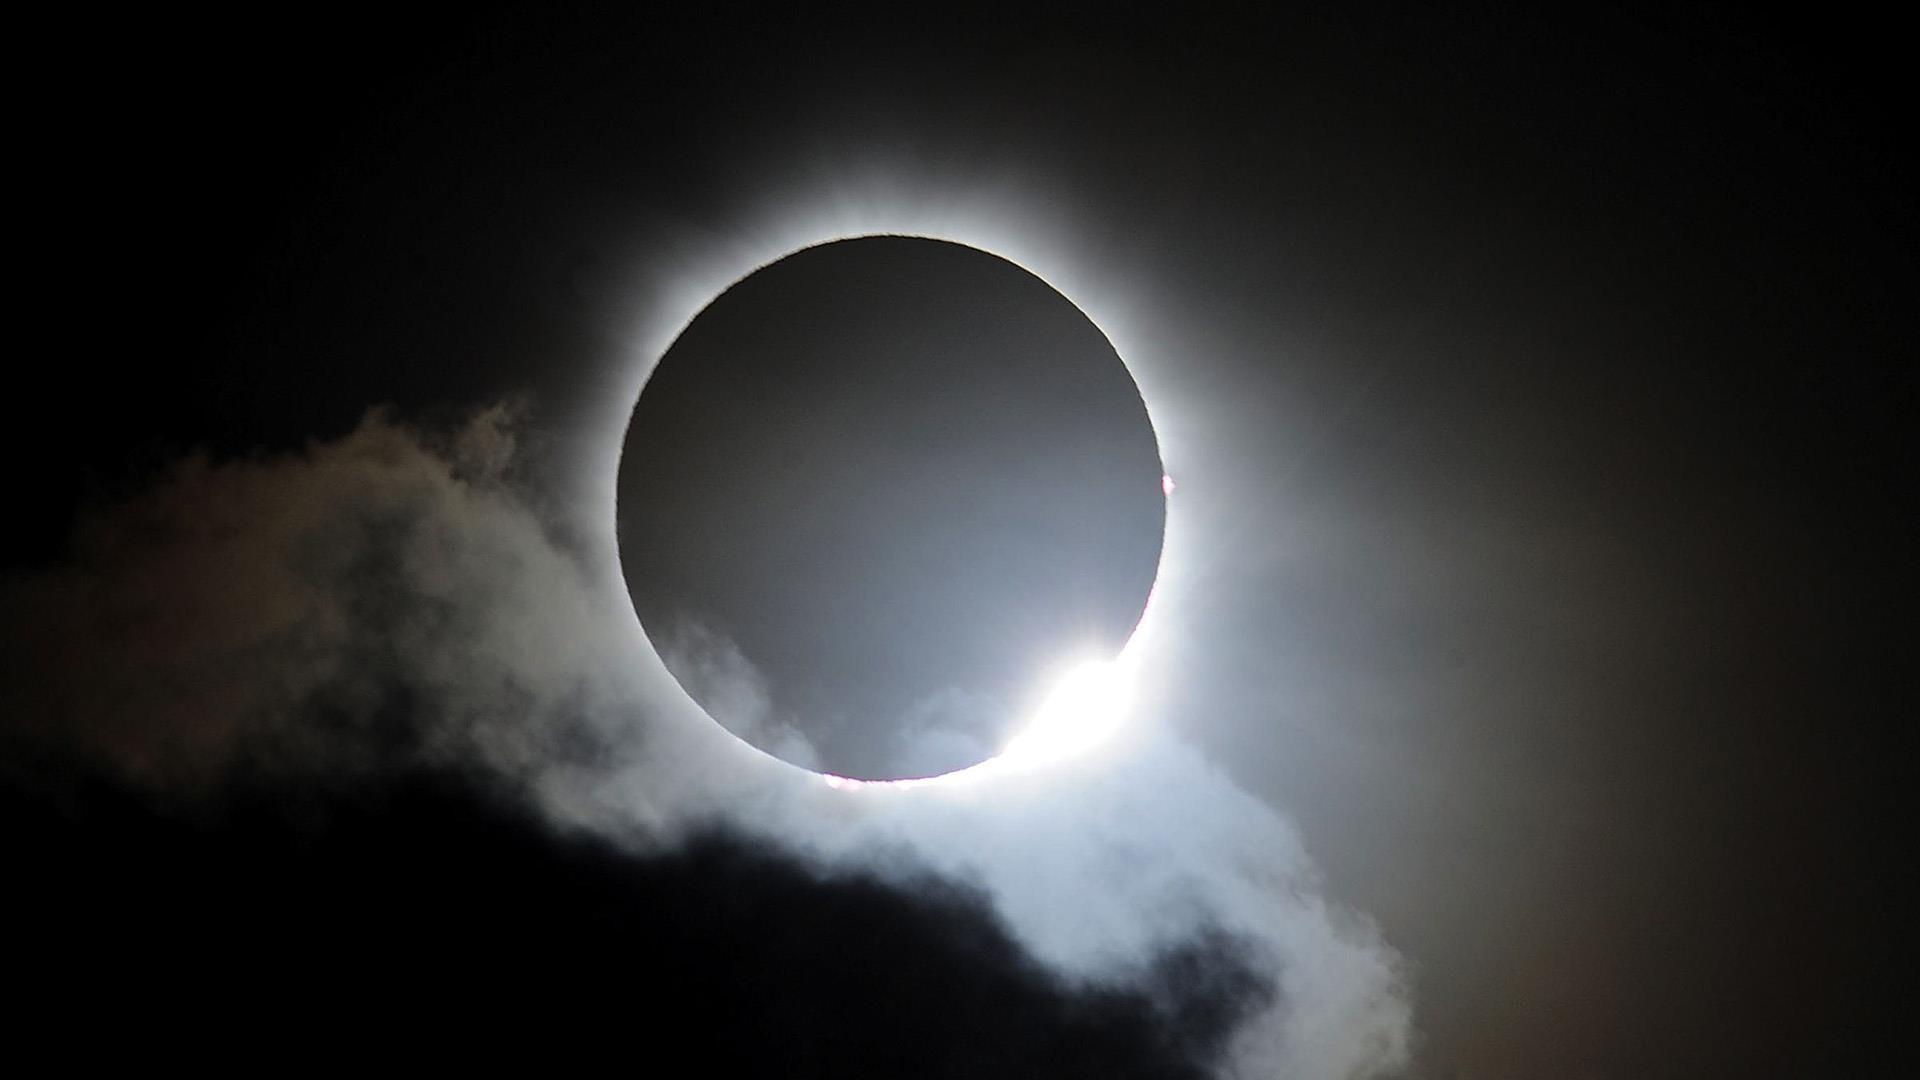 Obrázek: Úžasné záběry vesmírné stanice ISS: Během zatmění proletěla přes Slunce